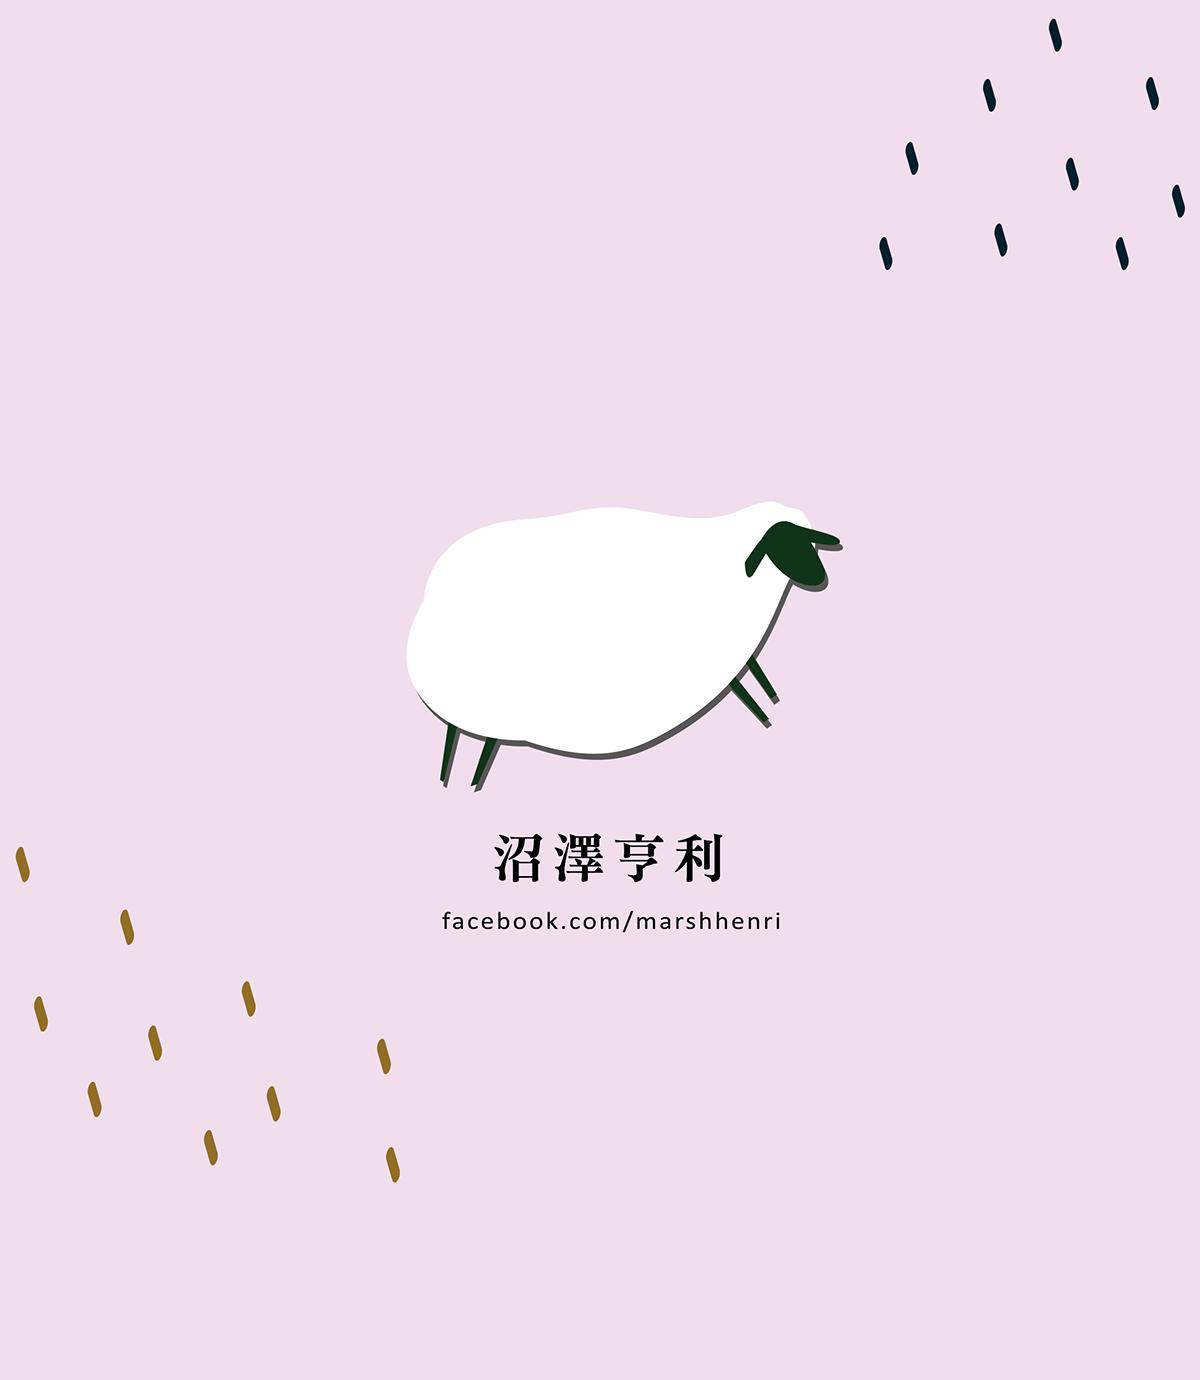 logo酷卡設計_沼澤亨利-捷可印